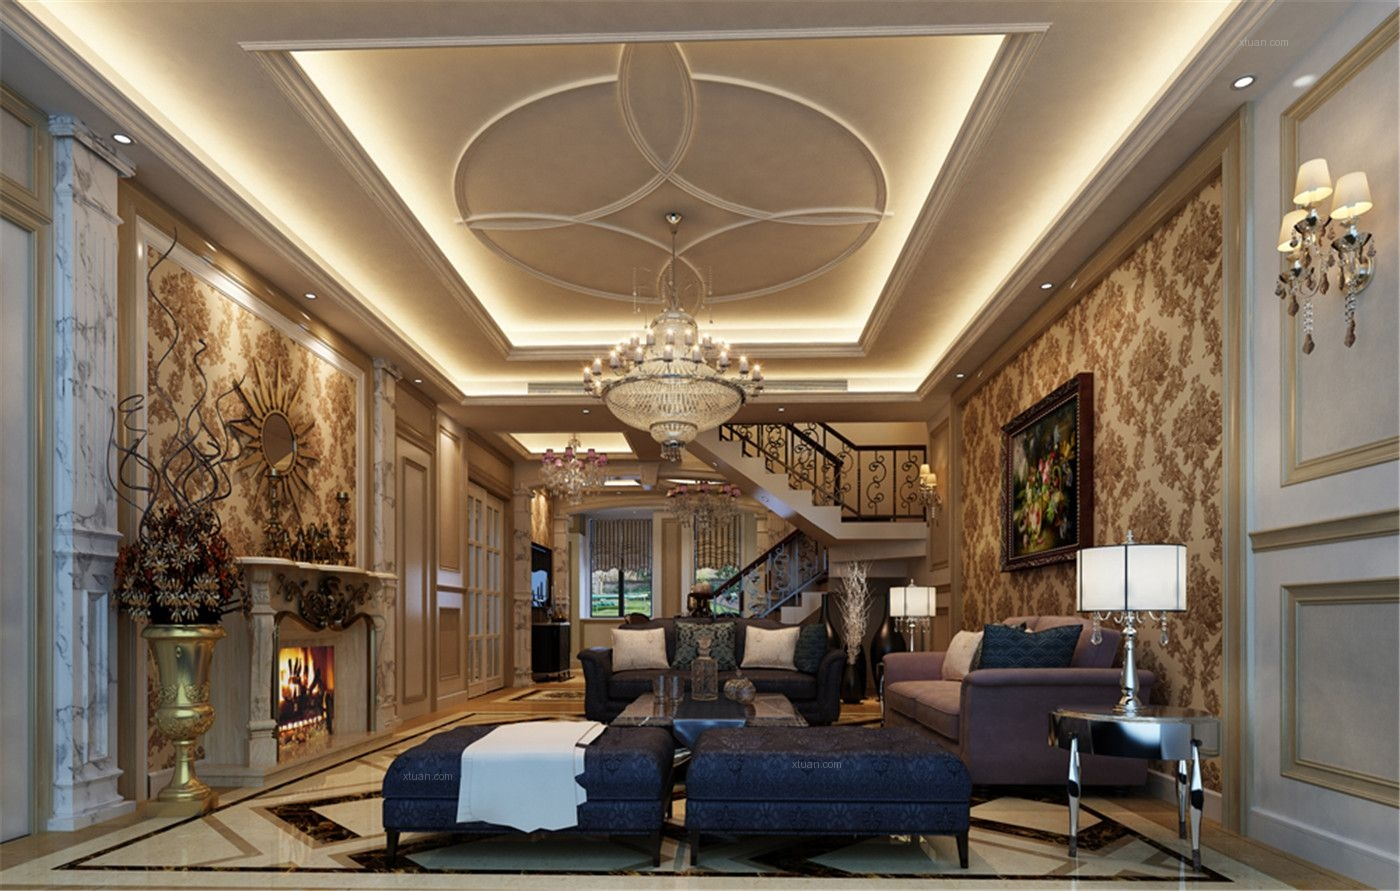 天润周庄别墅户型欧式风格设计方案装修效果图图片